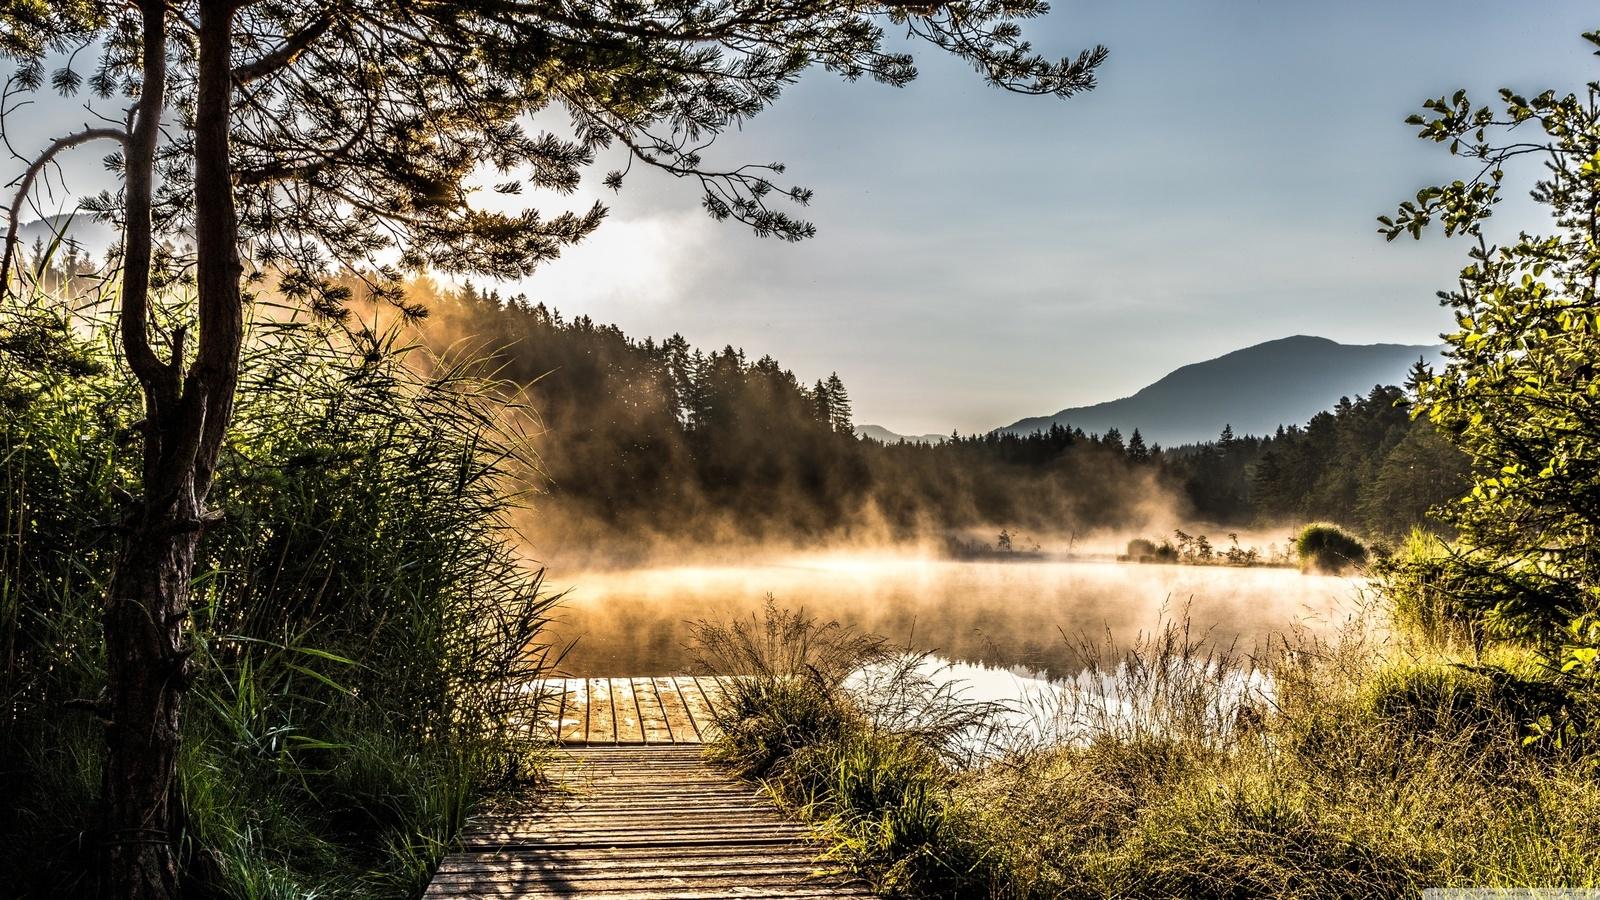 Egelsee Lake in Carinthia (1600x900)